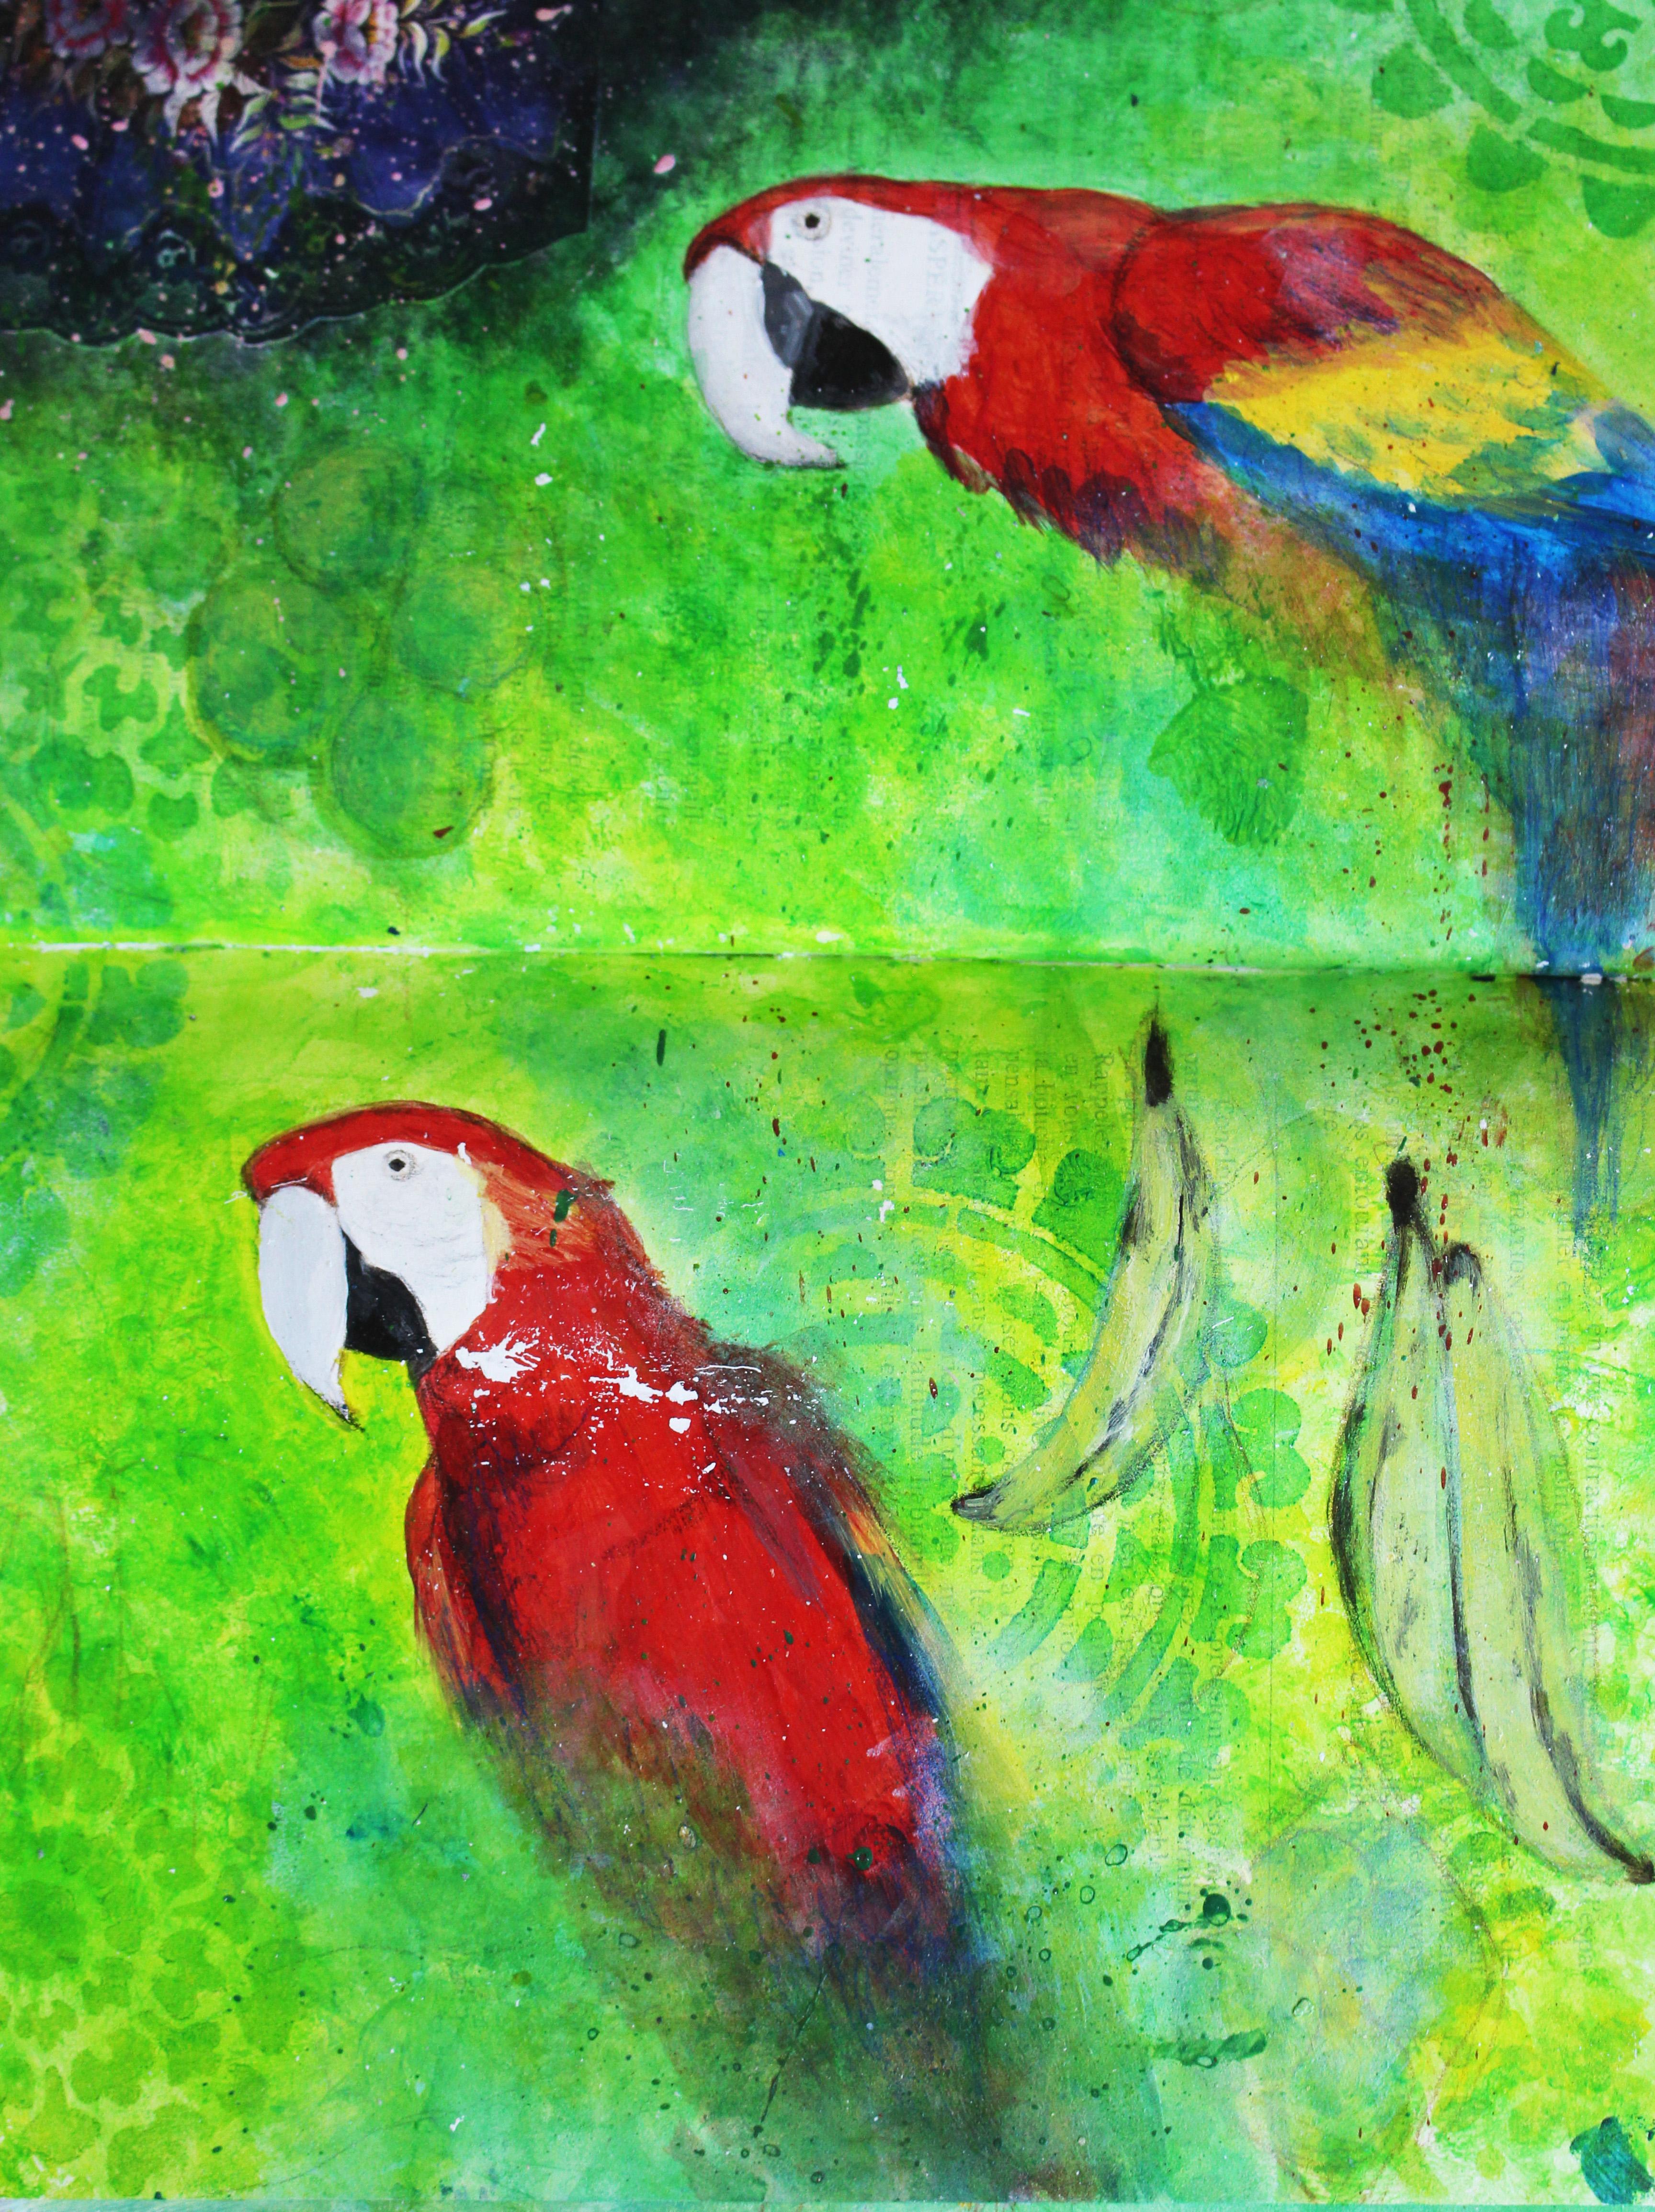 Sketchbook - Parrots // Carnet de croquis - Perroquets